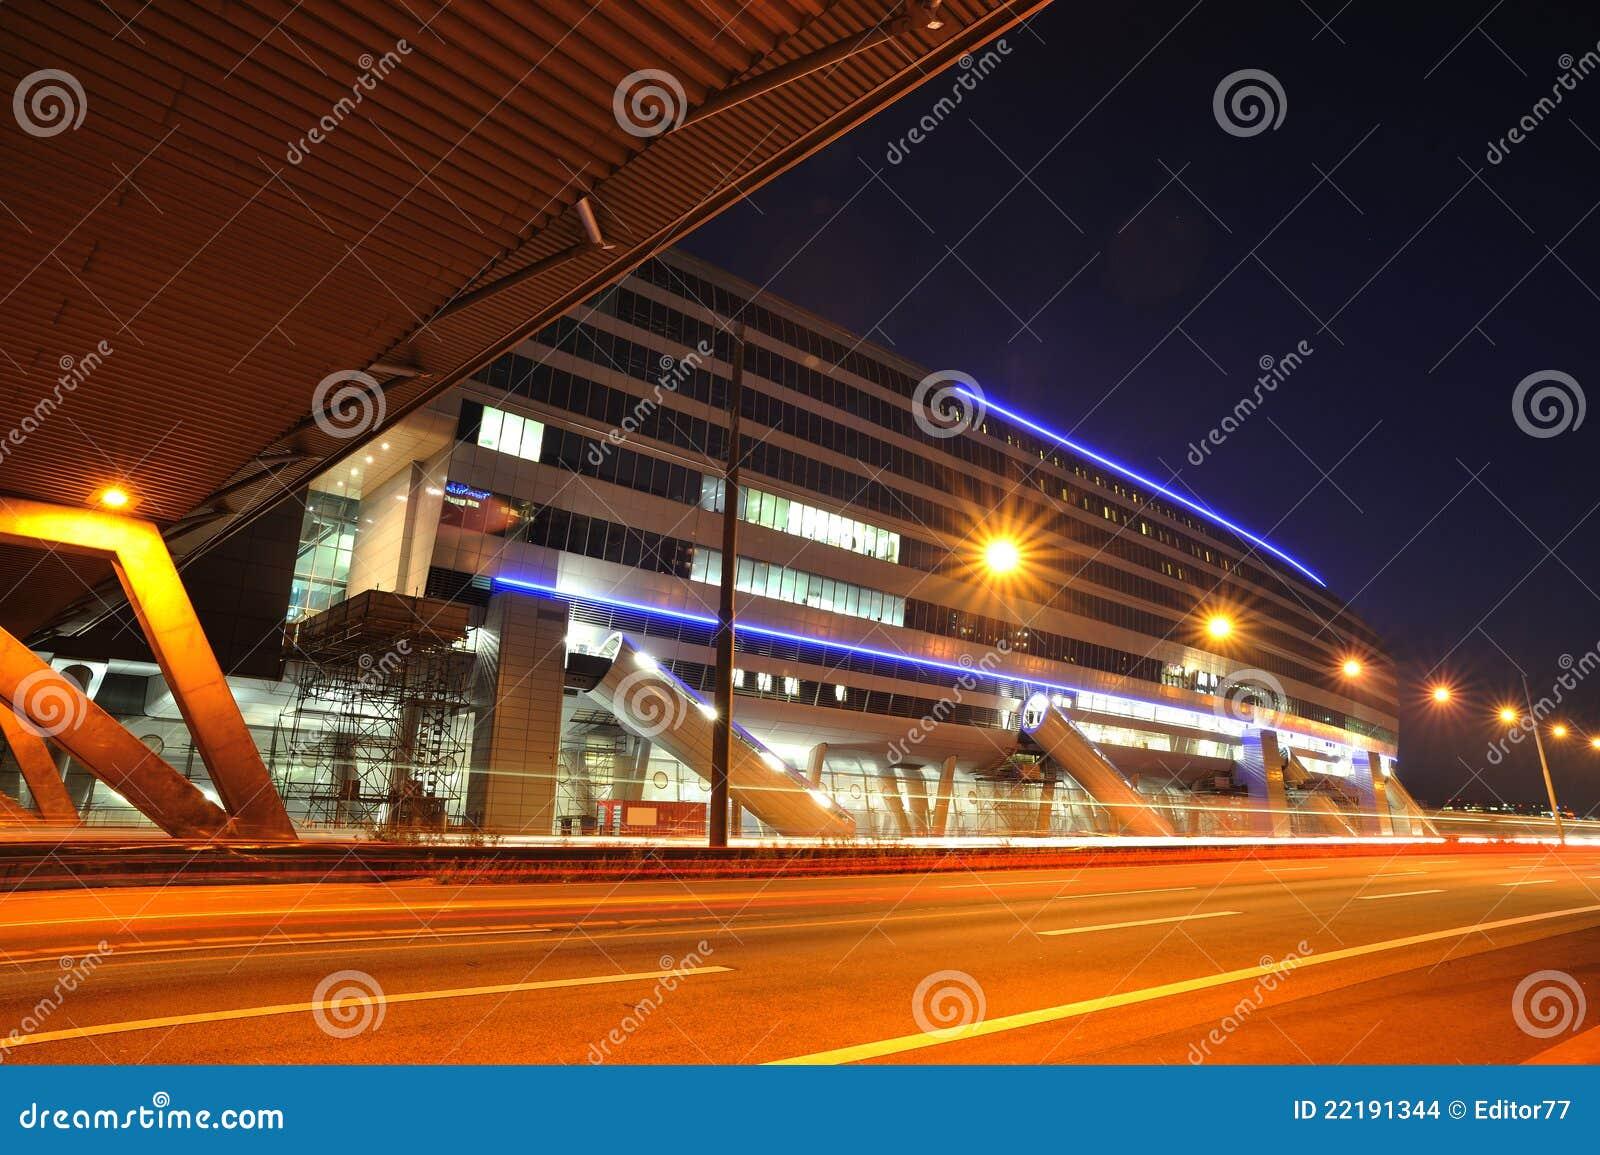 Aeroporto Germania : Stazione ferroviaria moderna vicino all aeroporto di